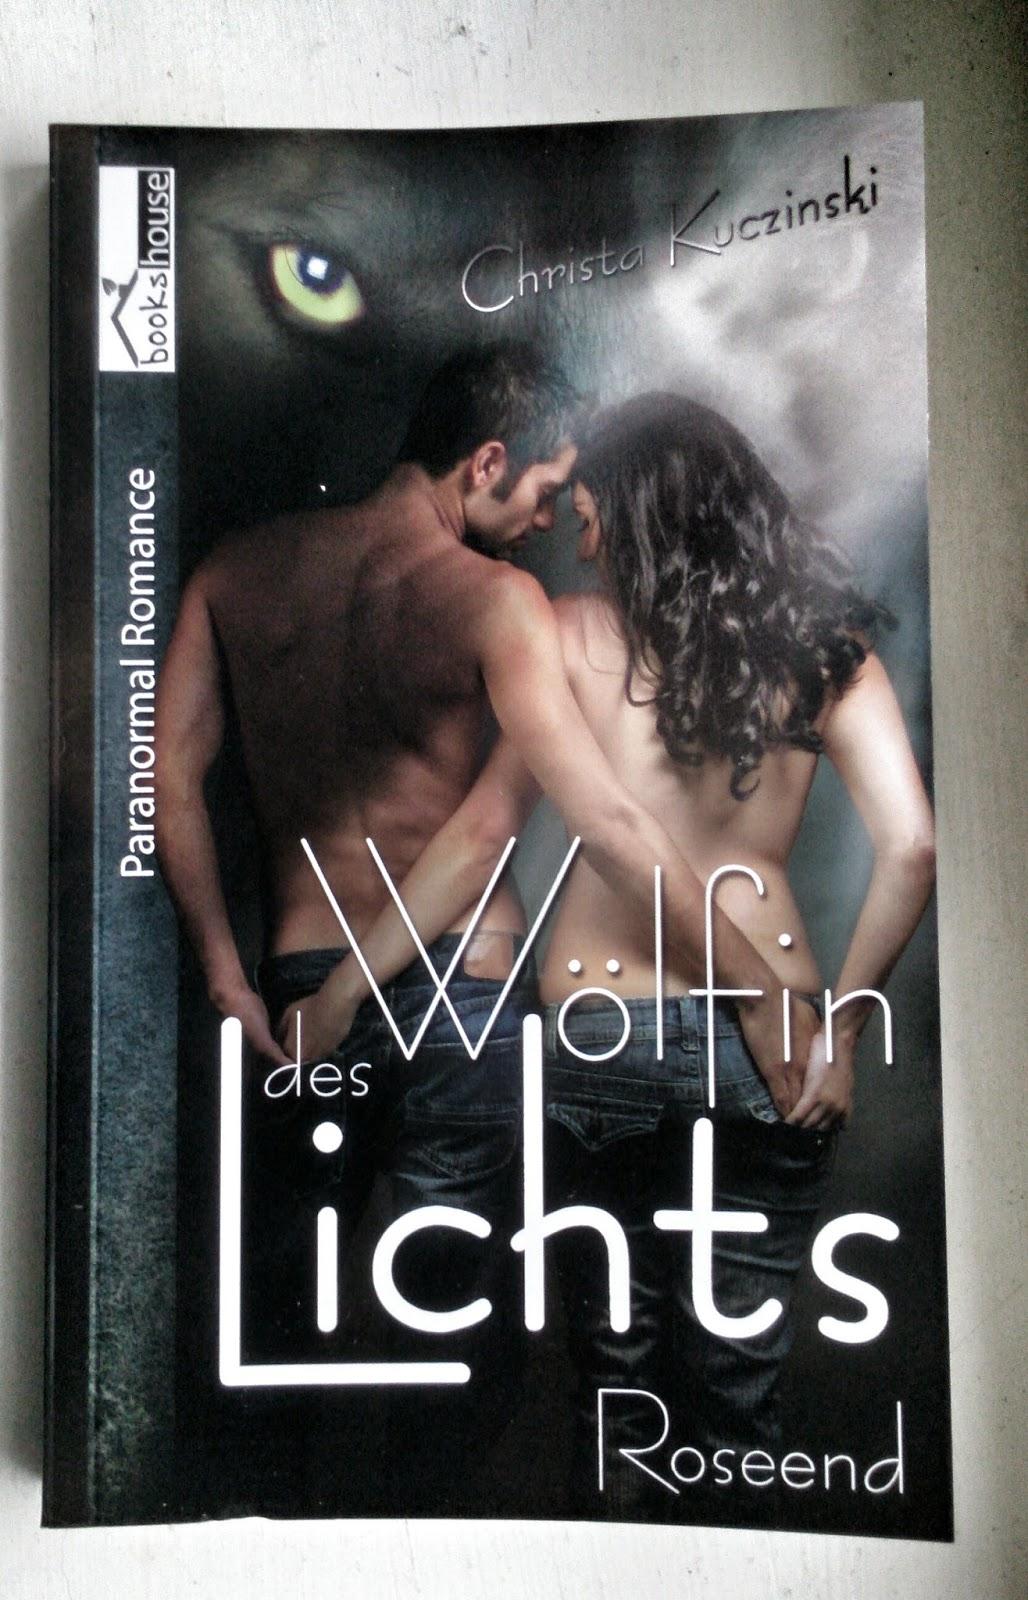 Rezension, Wölfin des Lichts, Erste Teil der Roseend Reihe von Christa Kuczinski